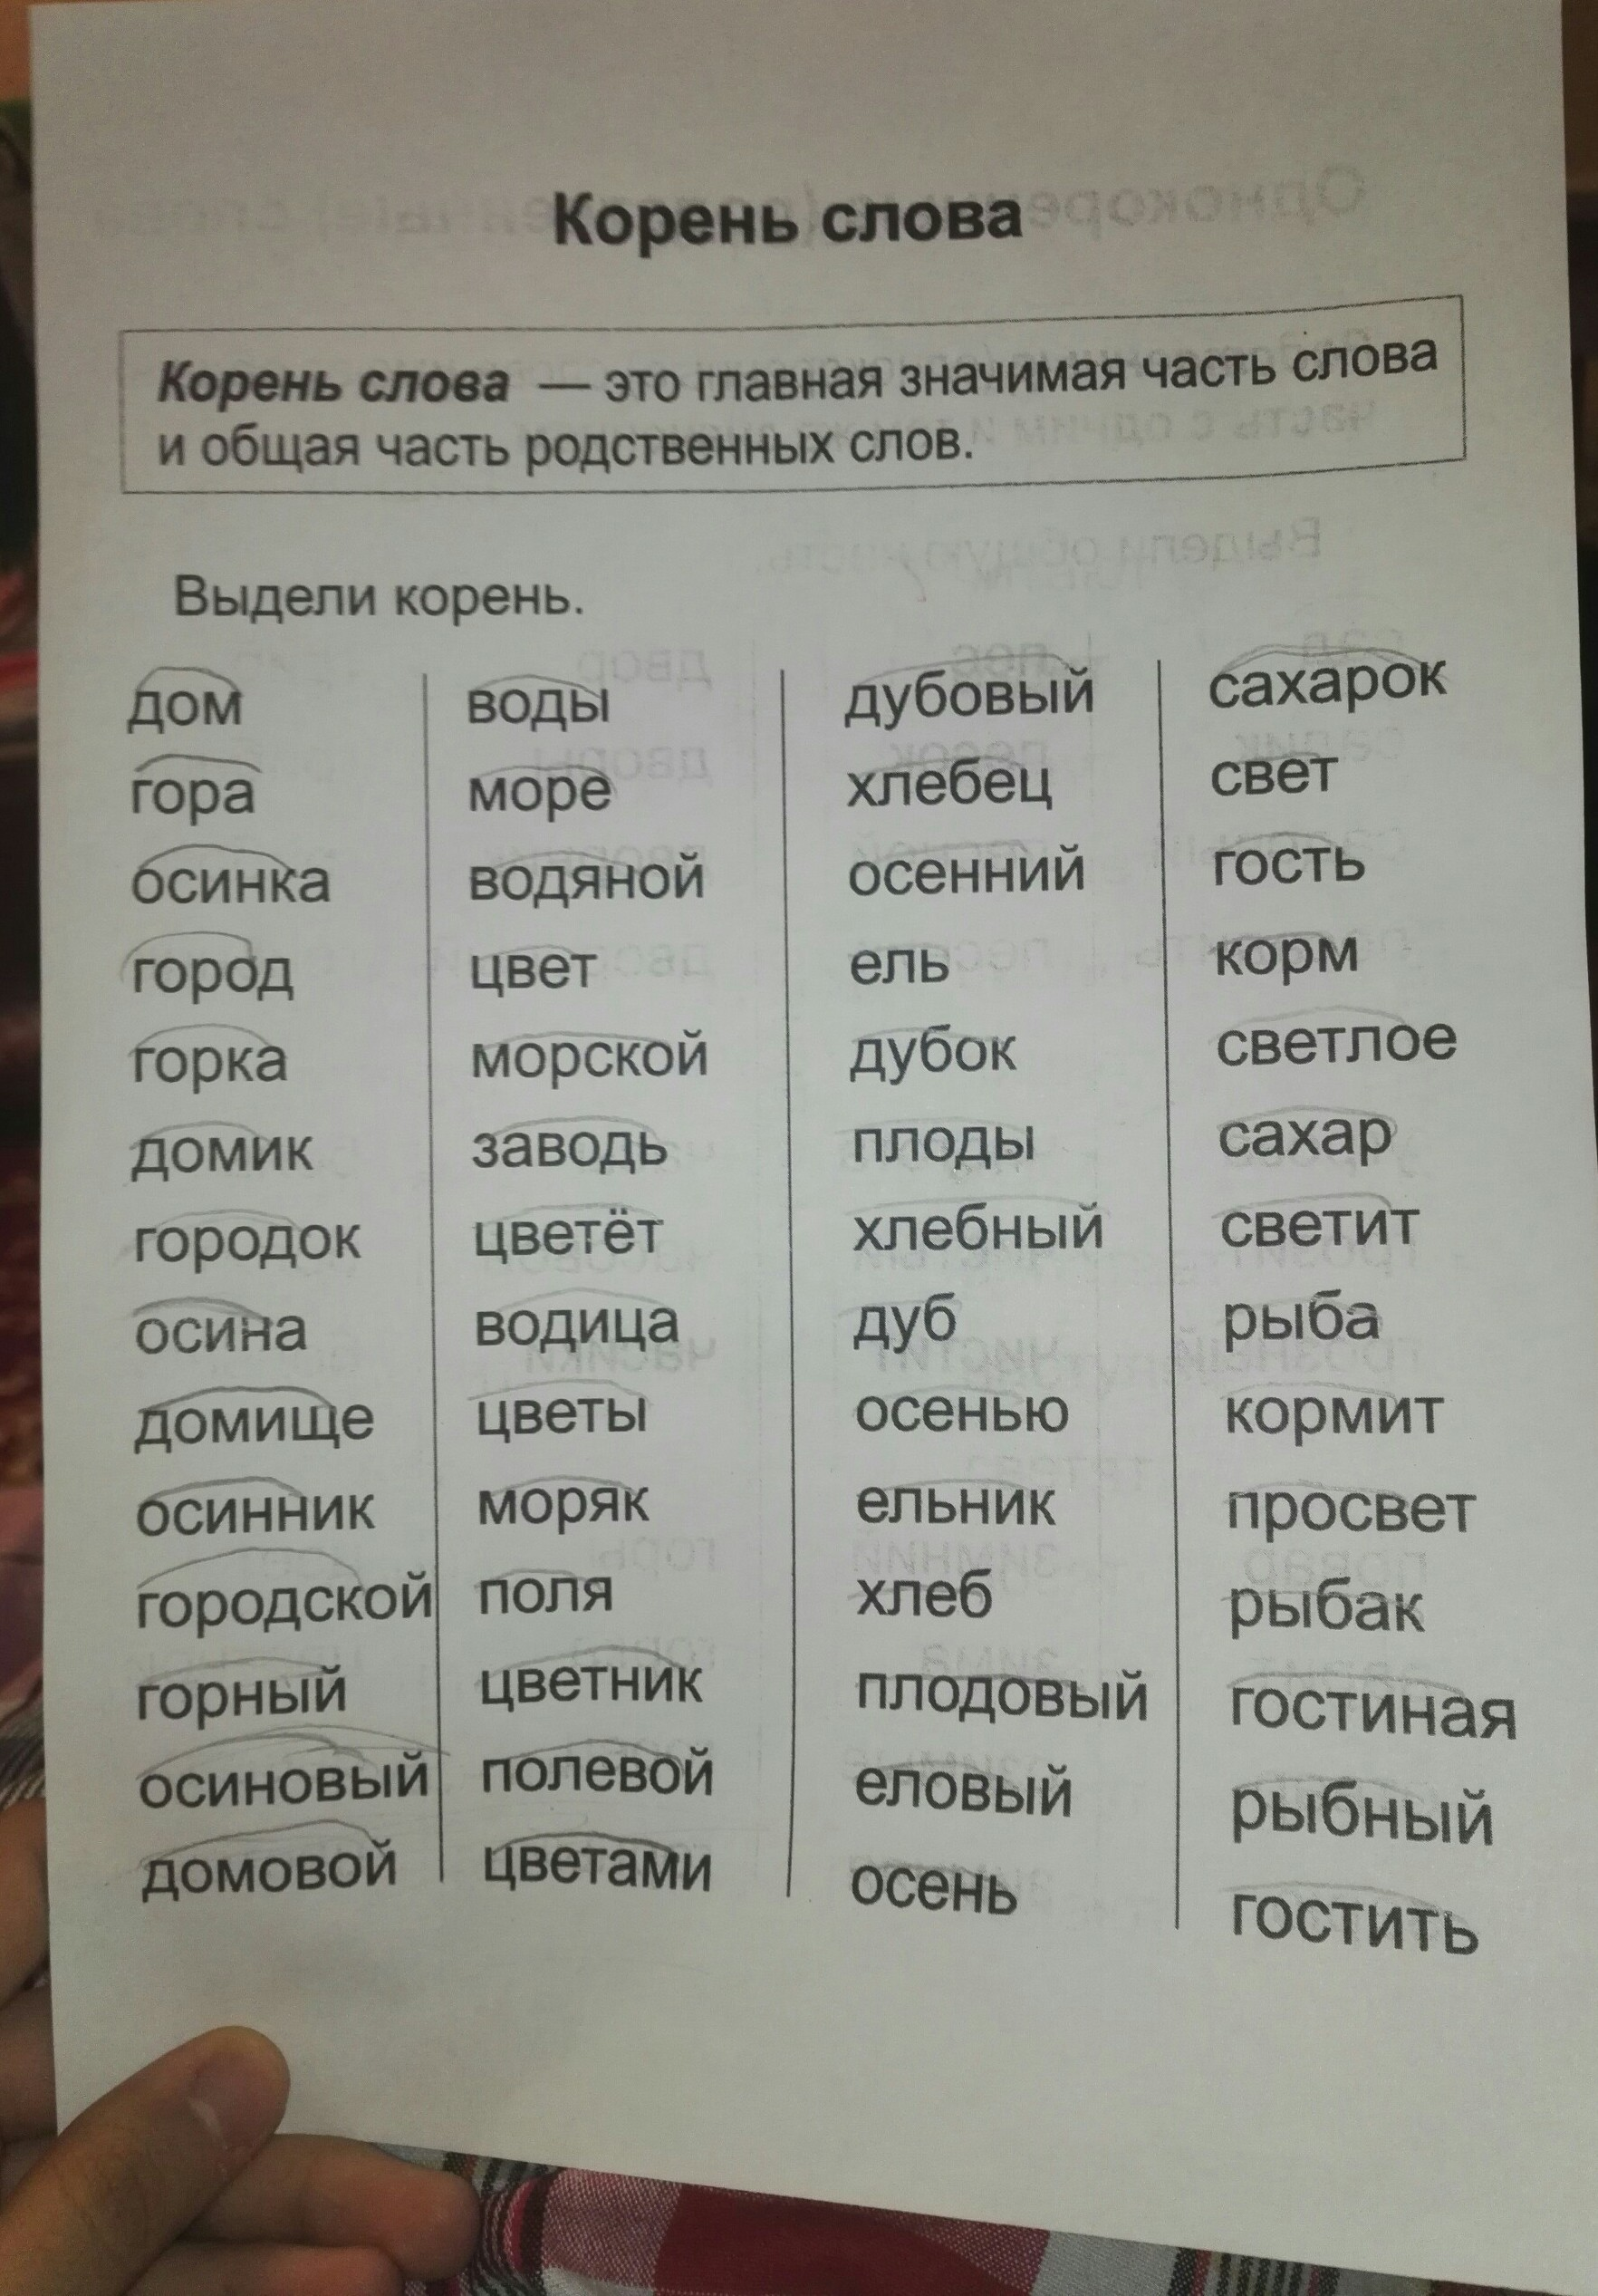 корень слова интересный по составу материнский капитал севастополь займ